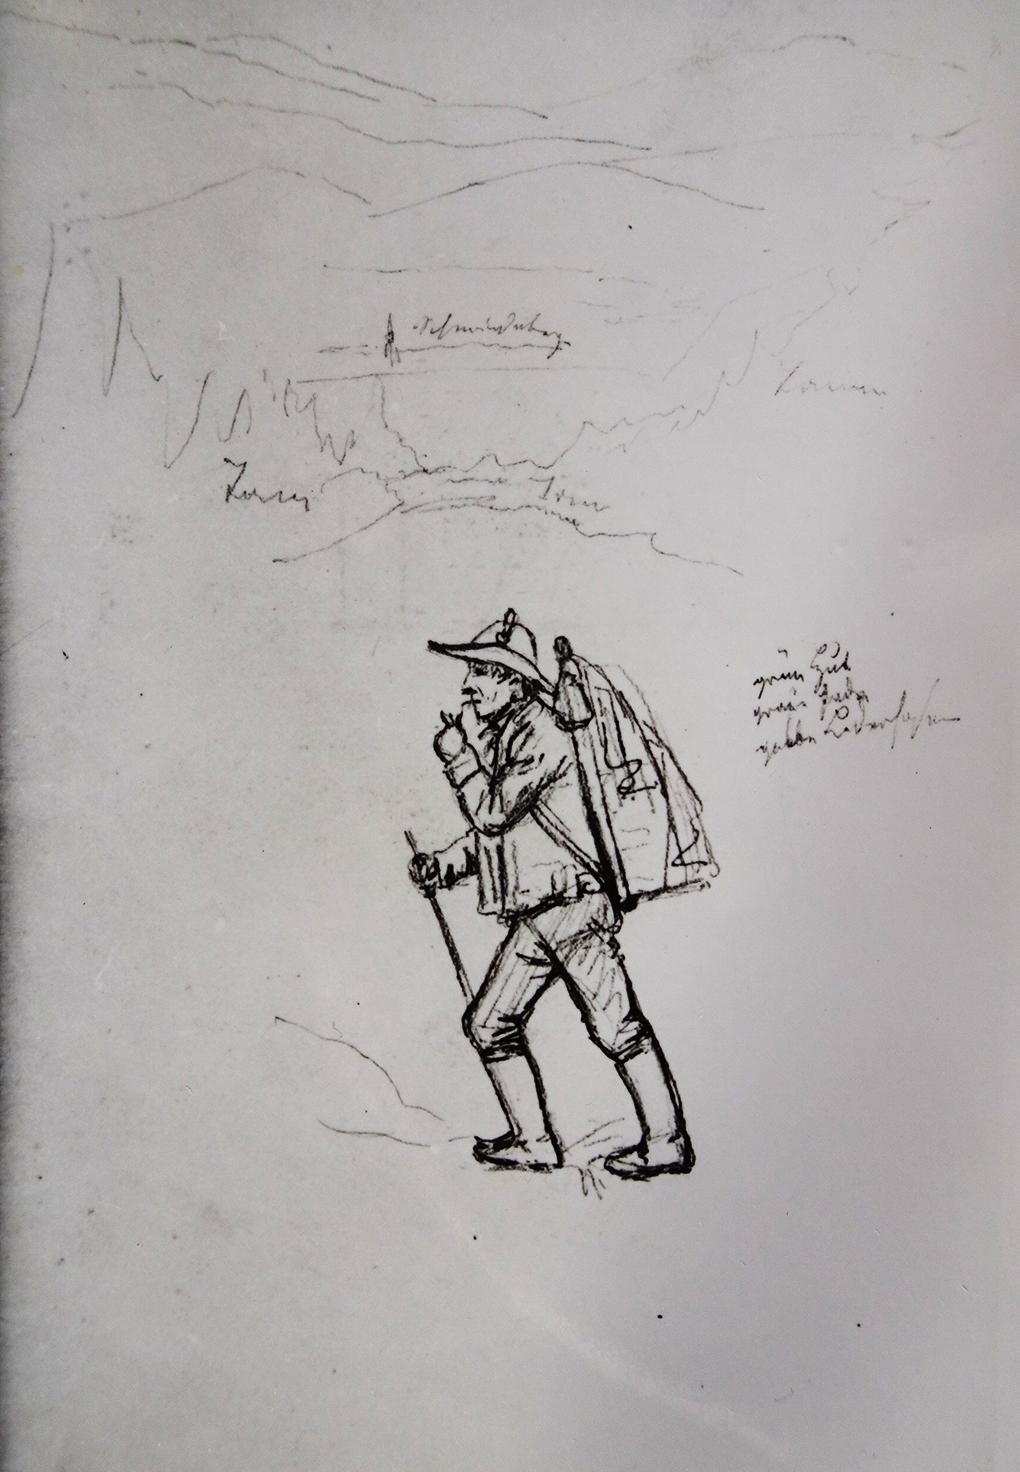 Ludwig Most, Wędrowiec na tle pejzażu Karkonoszy, sierpień 1835, ołówek na papierze welinowym, Szkicownik nr VII, karta 15 verso, Muzeum Narodowe w Szczecinie